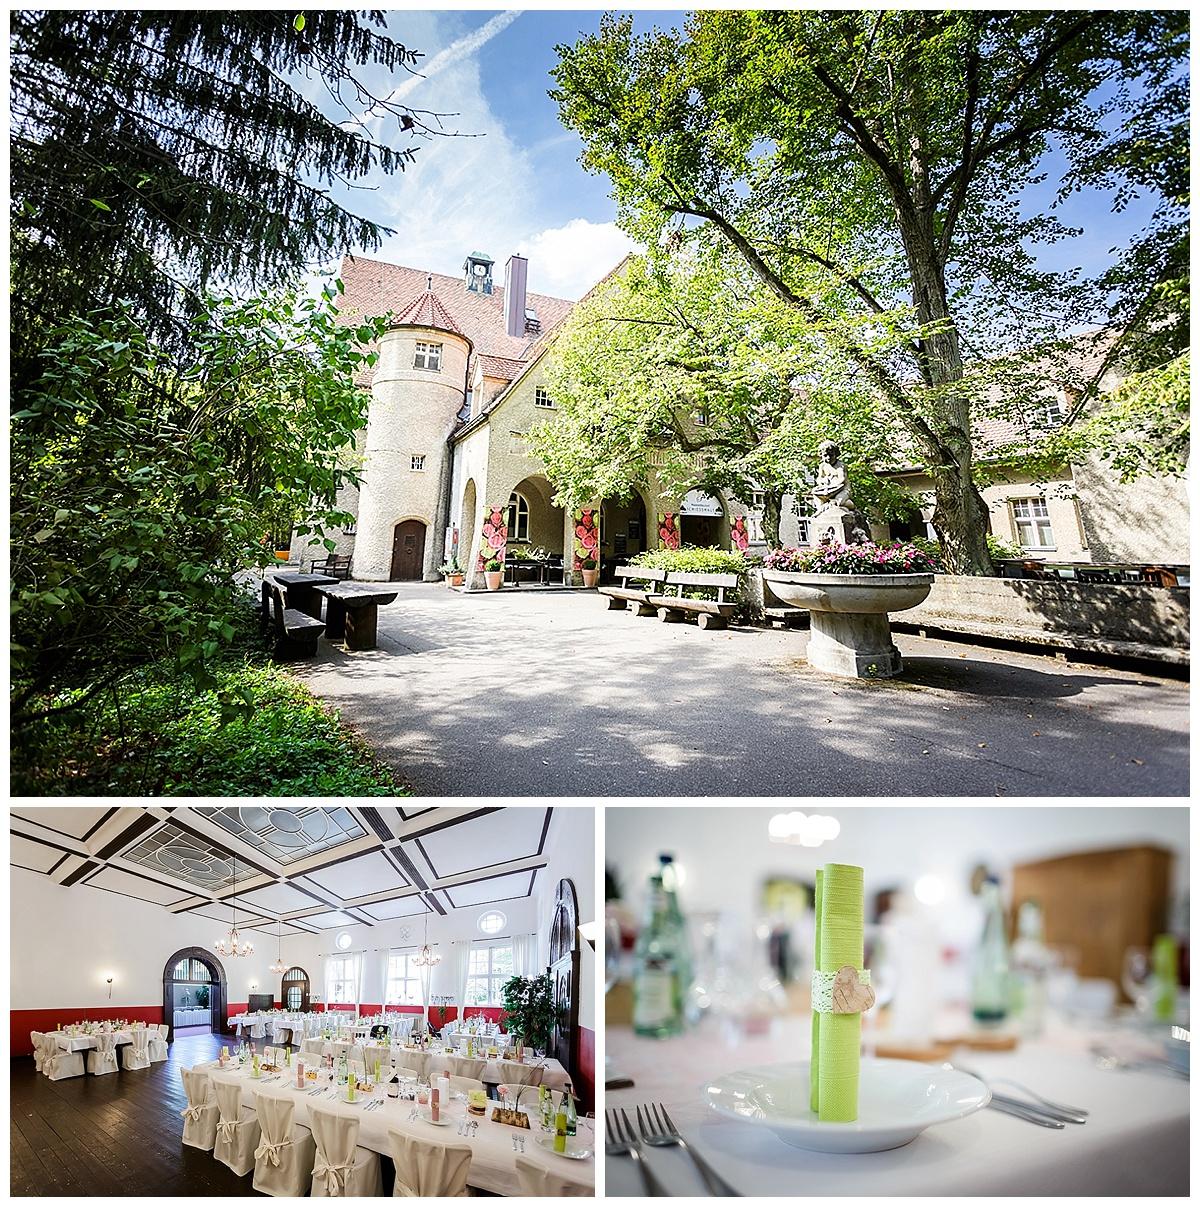 Waldrestaurant_Schiesshaus